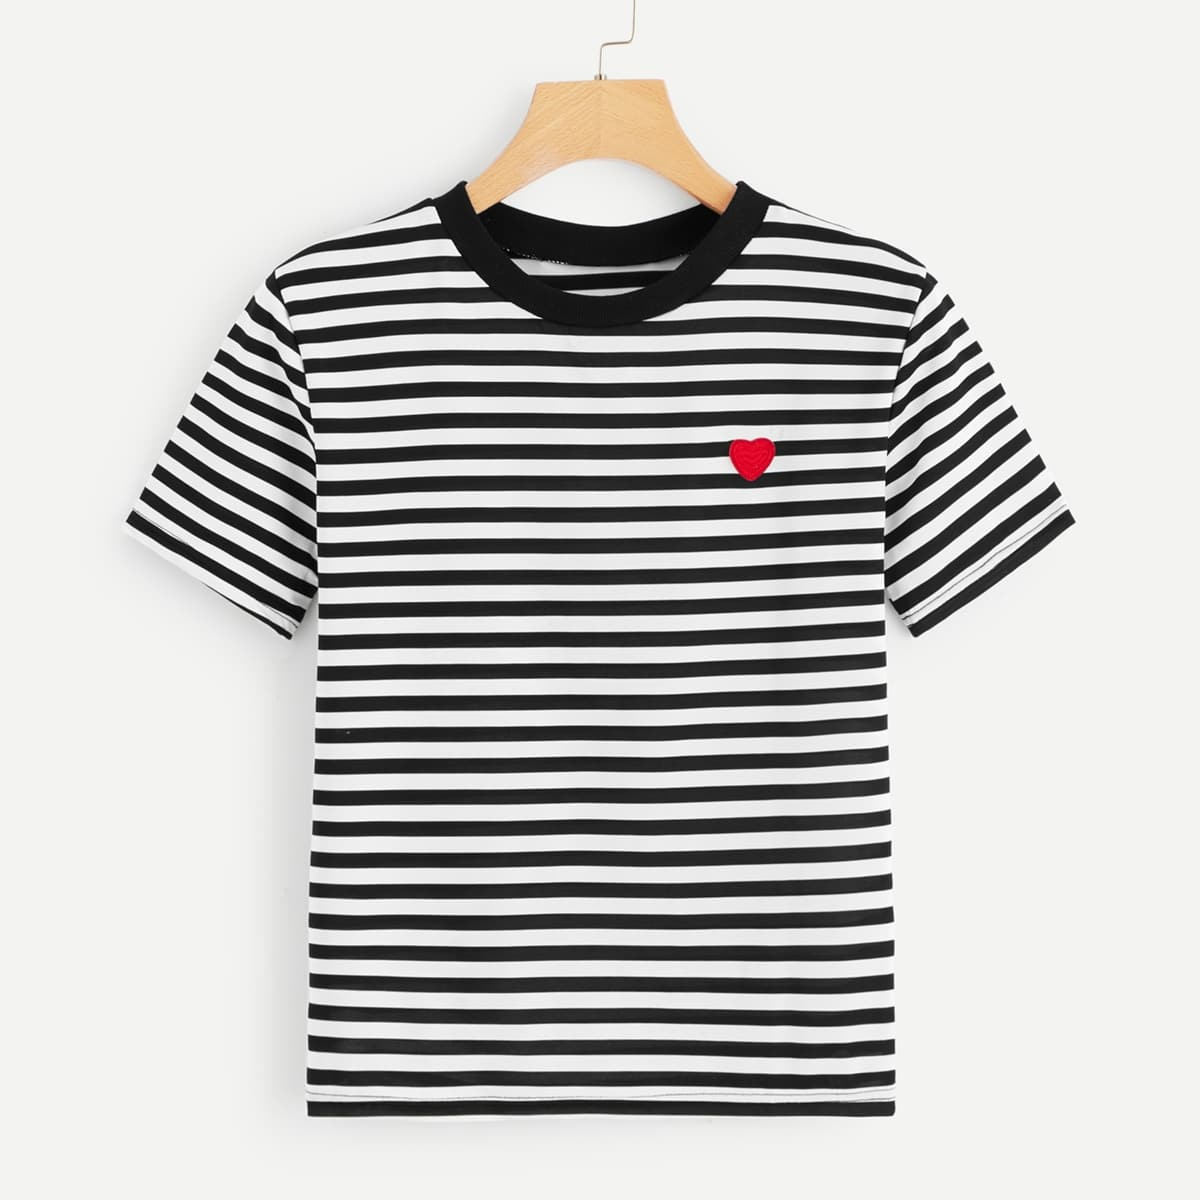 SHEIN / T-Shirt mit Herz Muster und Streifen